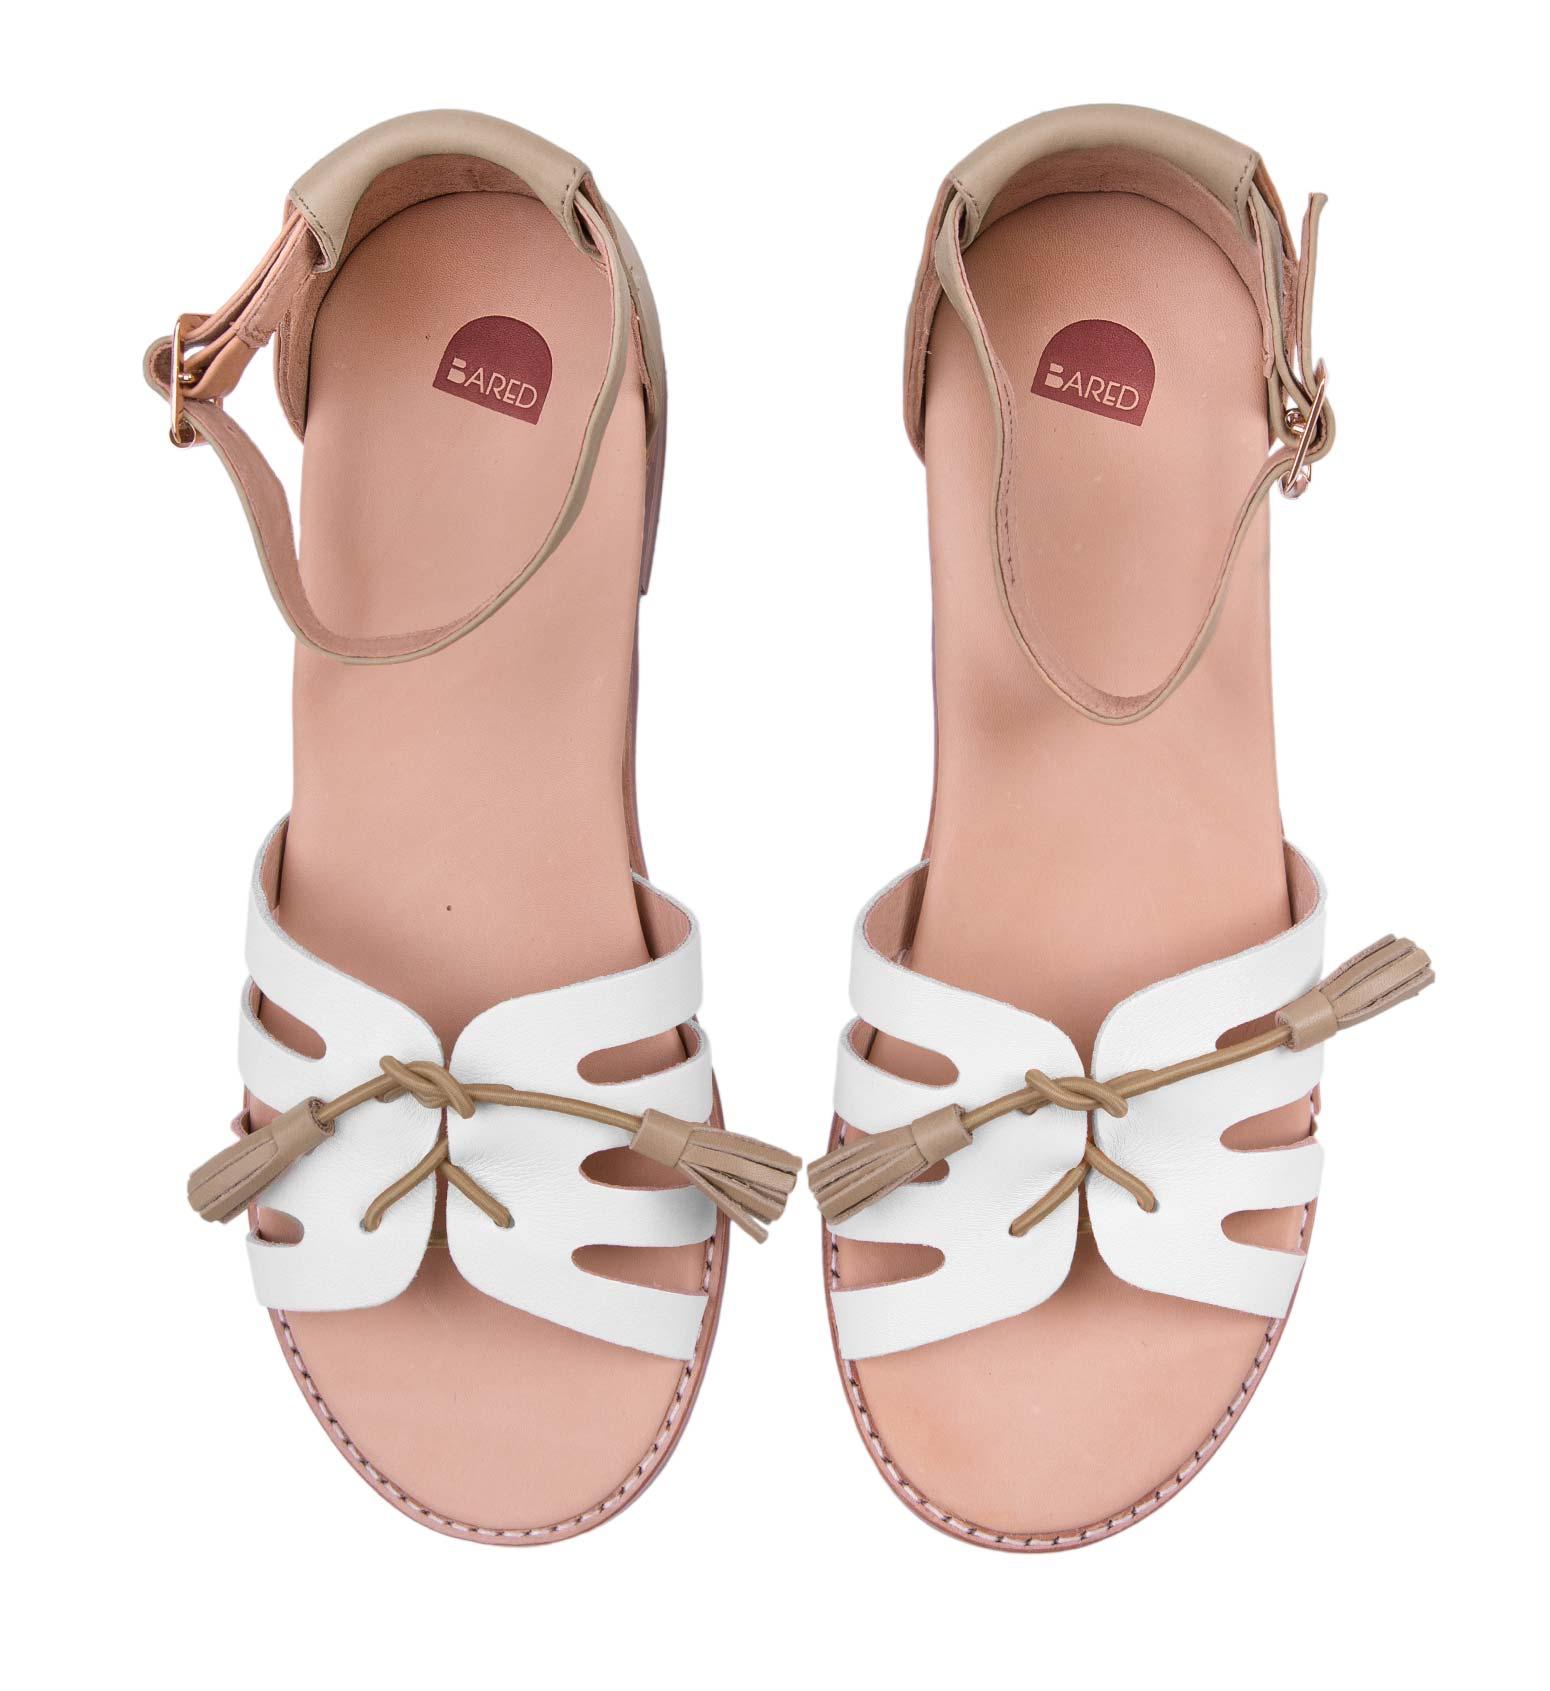 Women's Footwear Tootsies Shoe Market